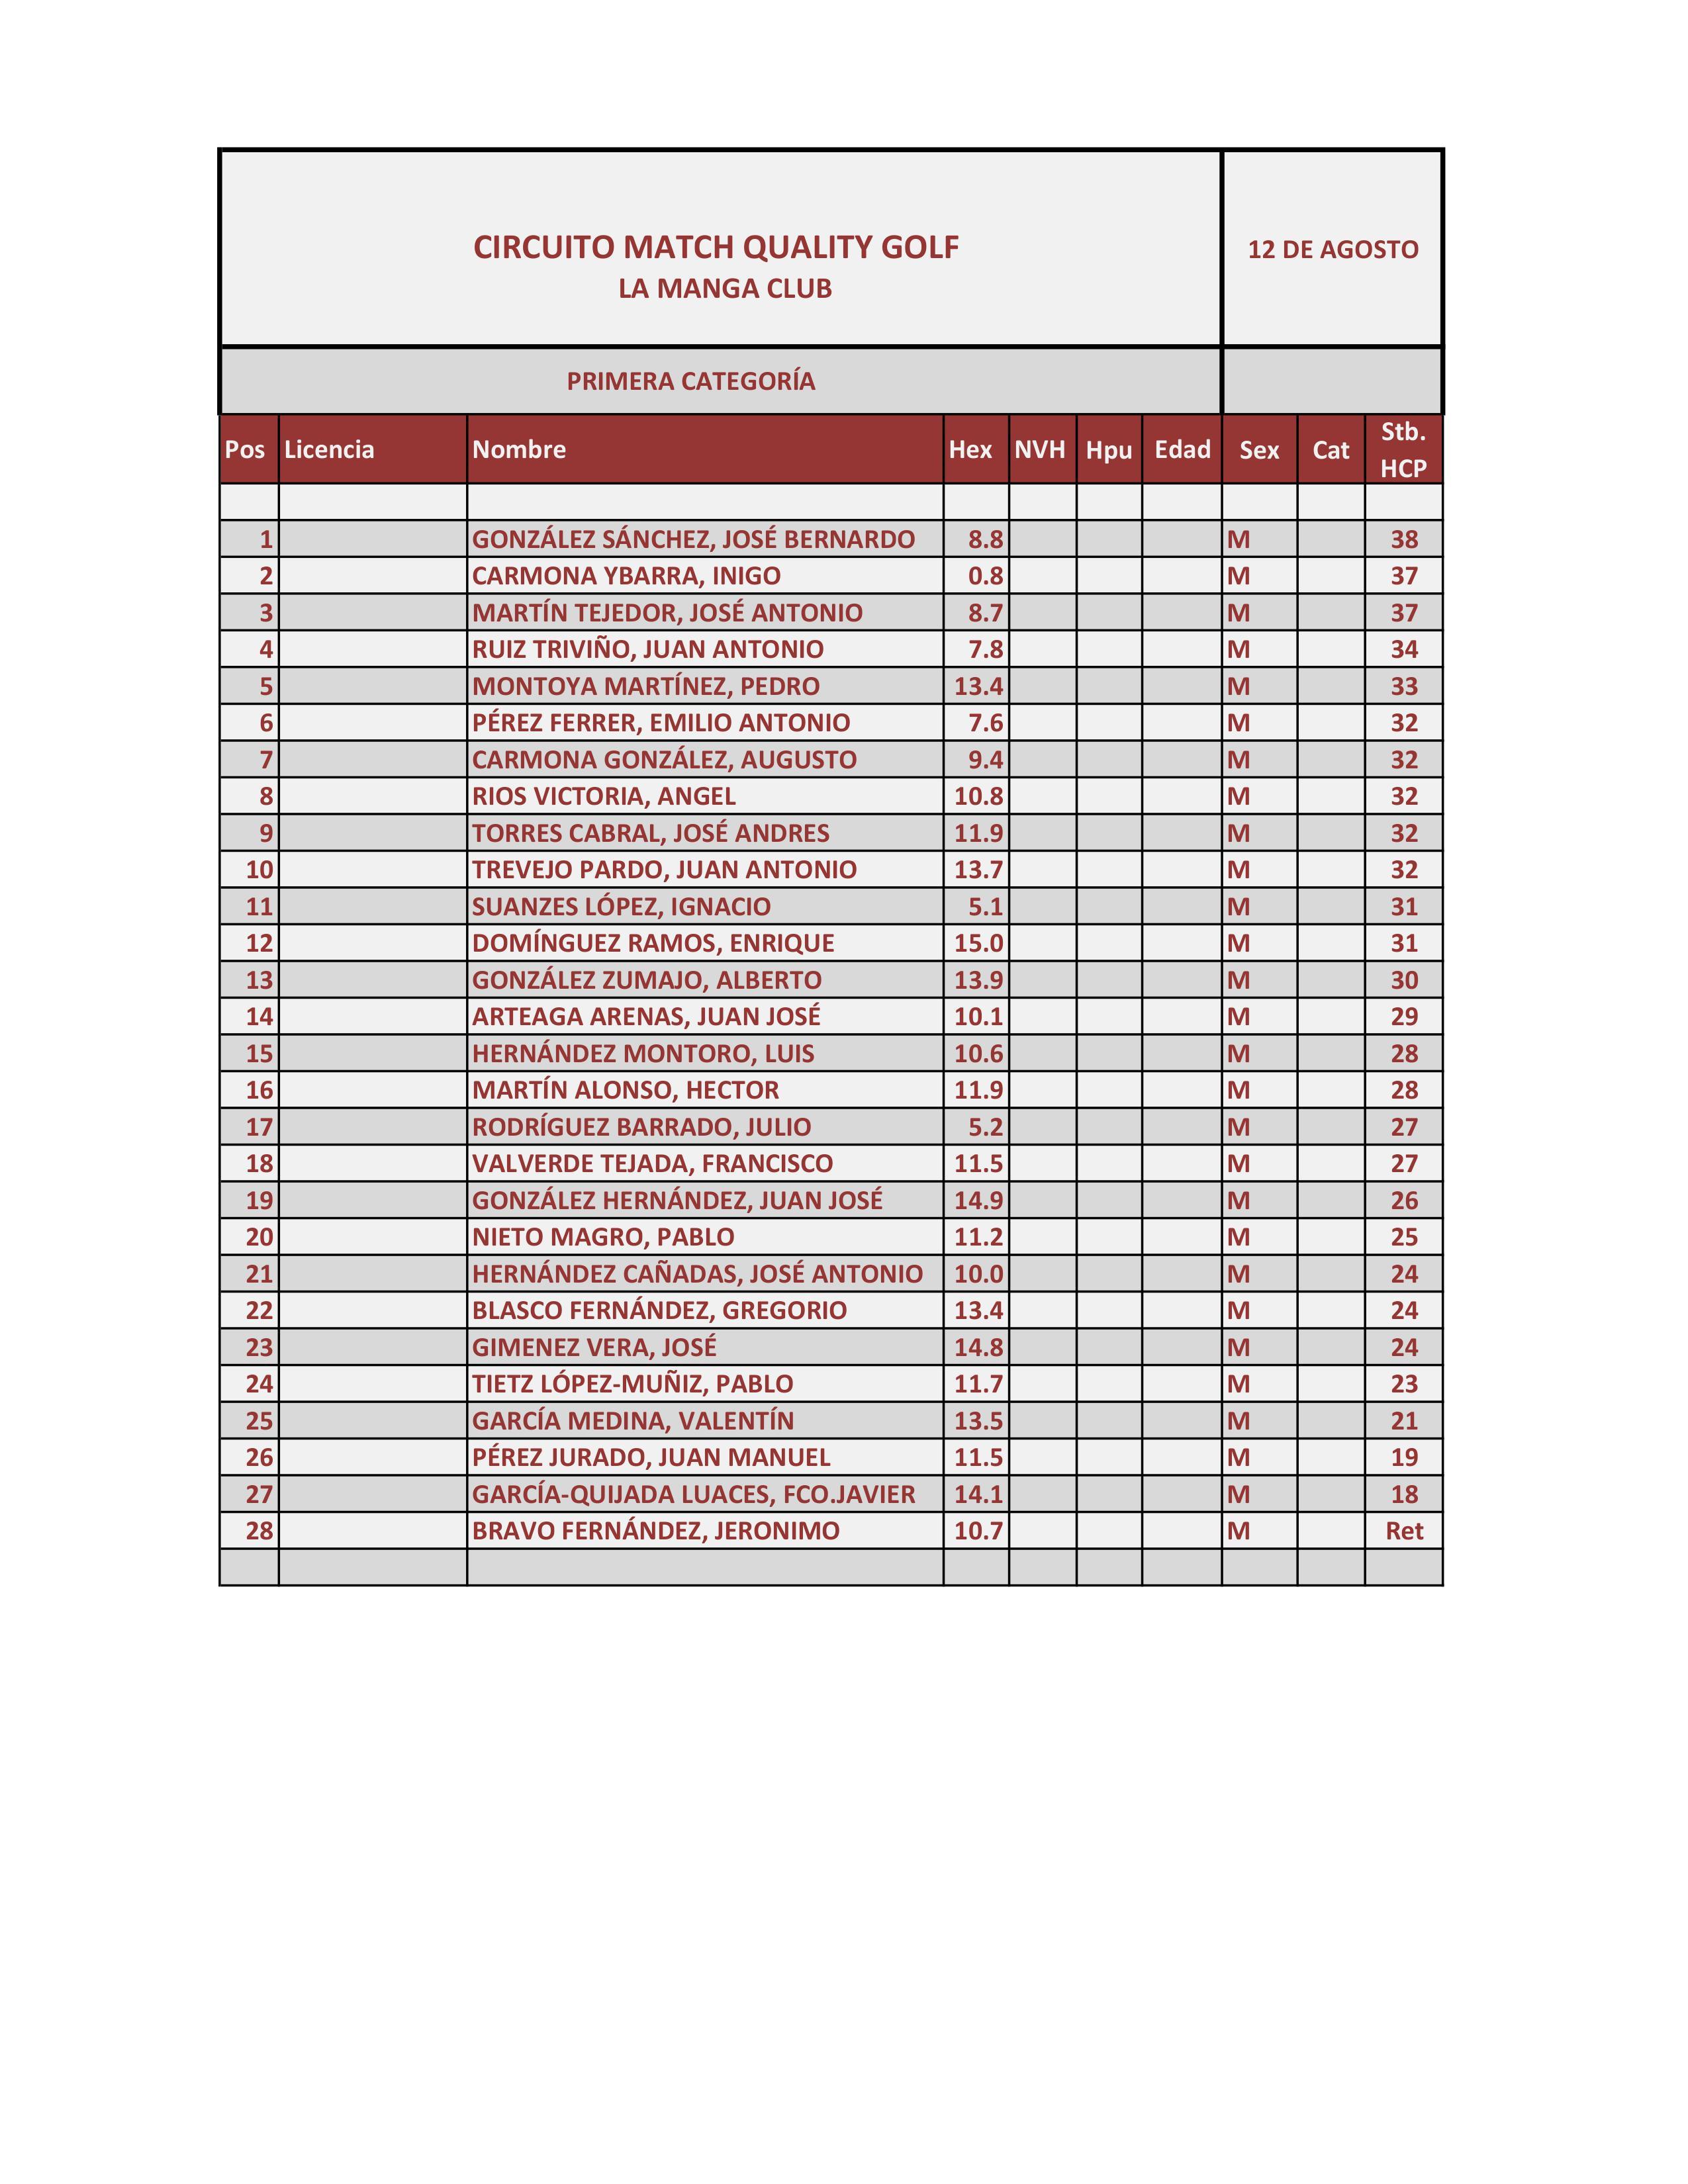 170812 LMS, Clasificación 1ª Categoría Caballeros